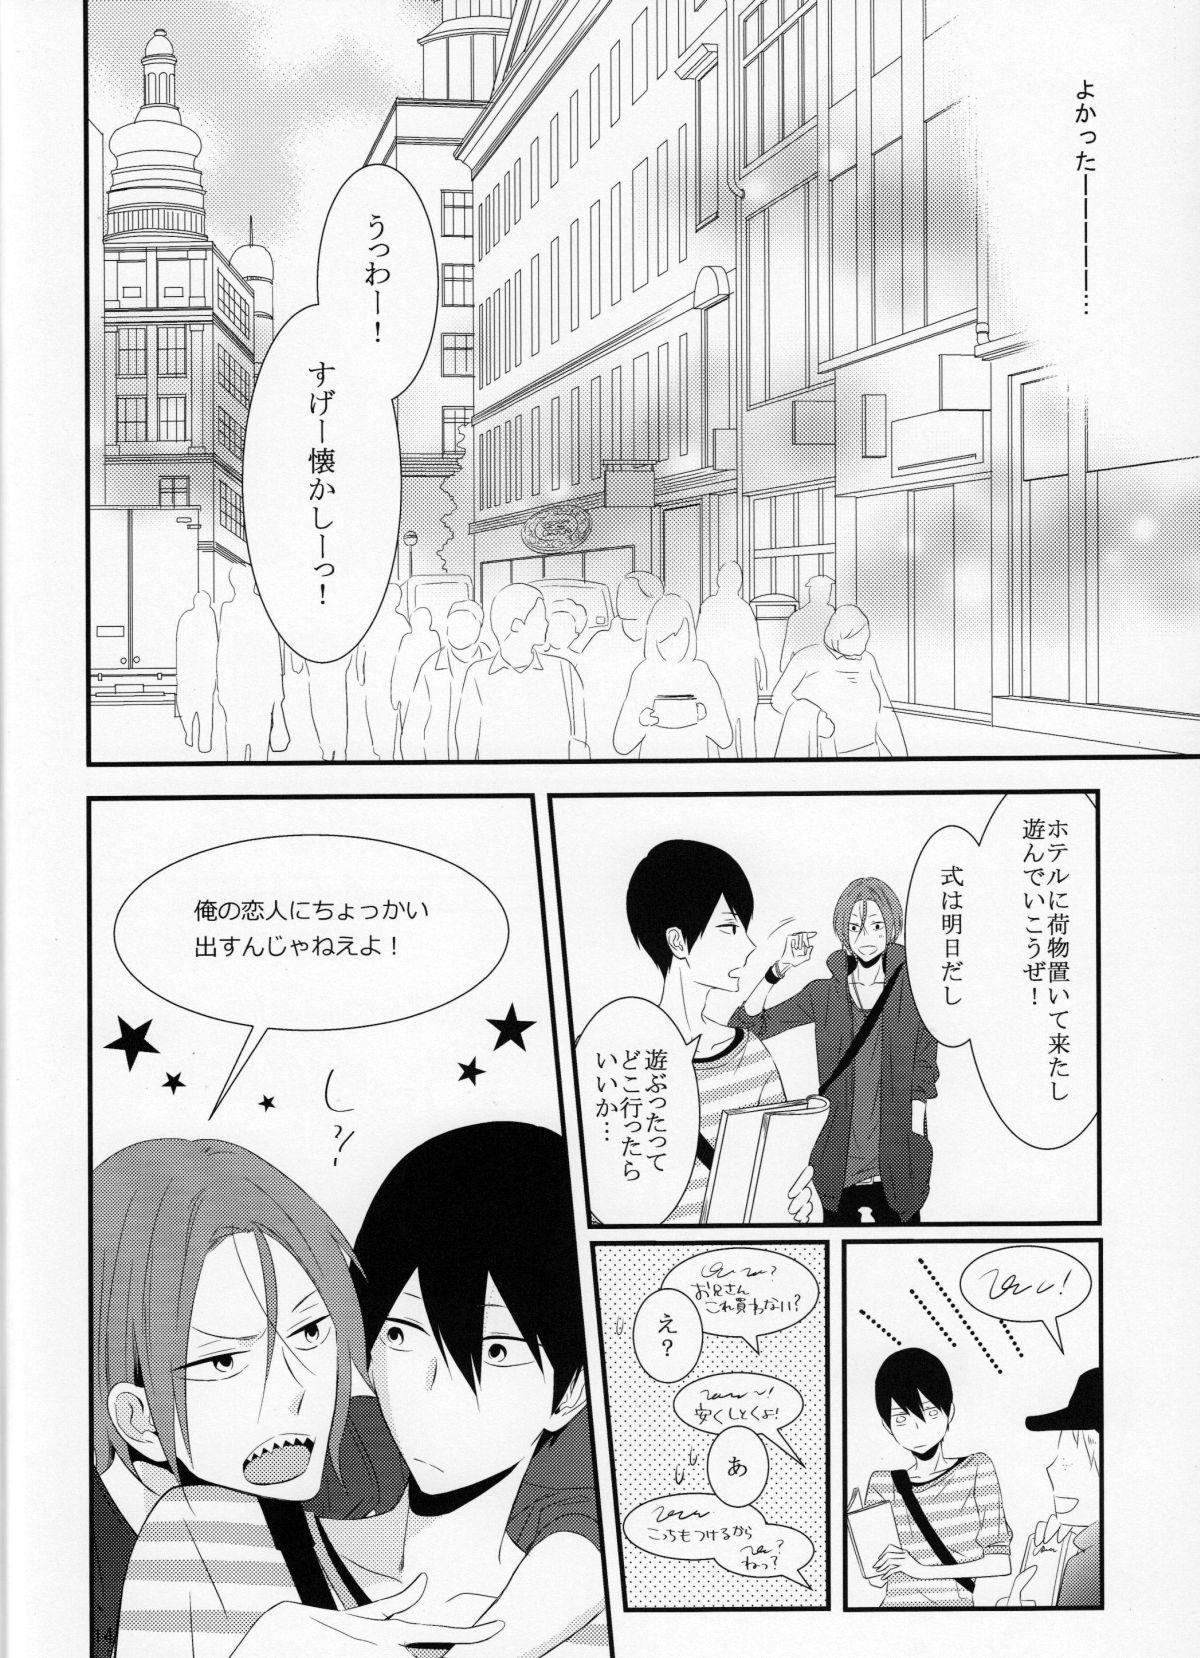 Sayonara, Bokura no Hatsukoi 14